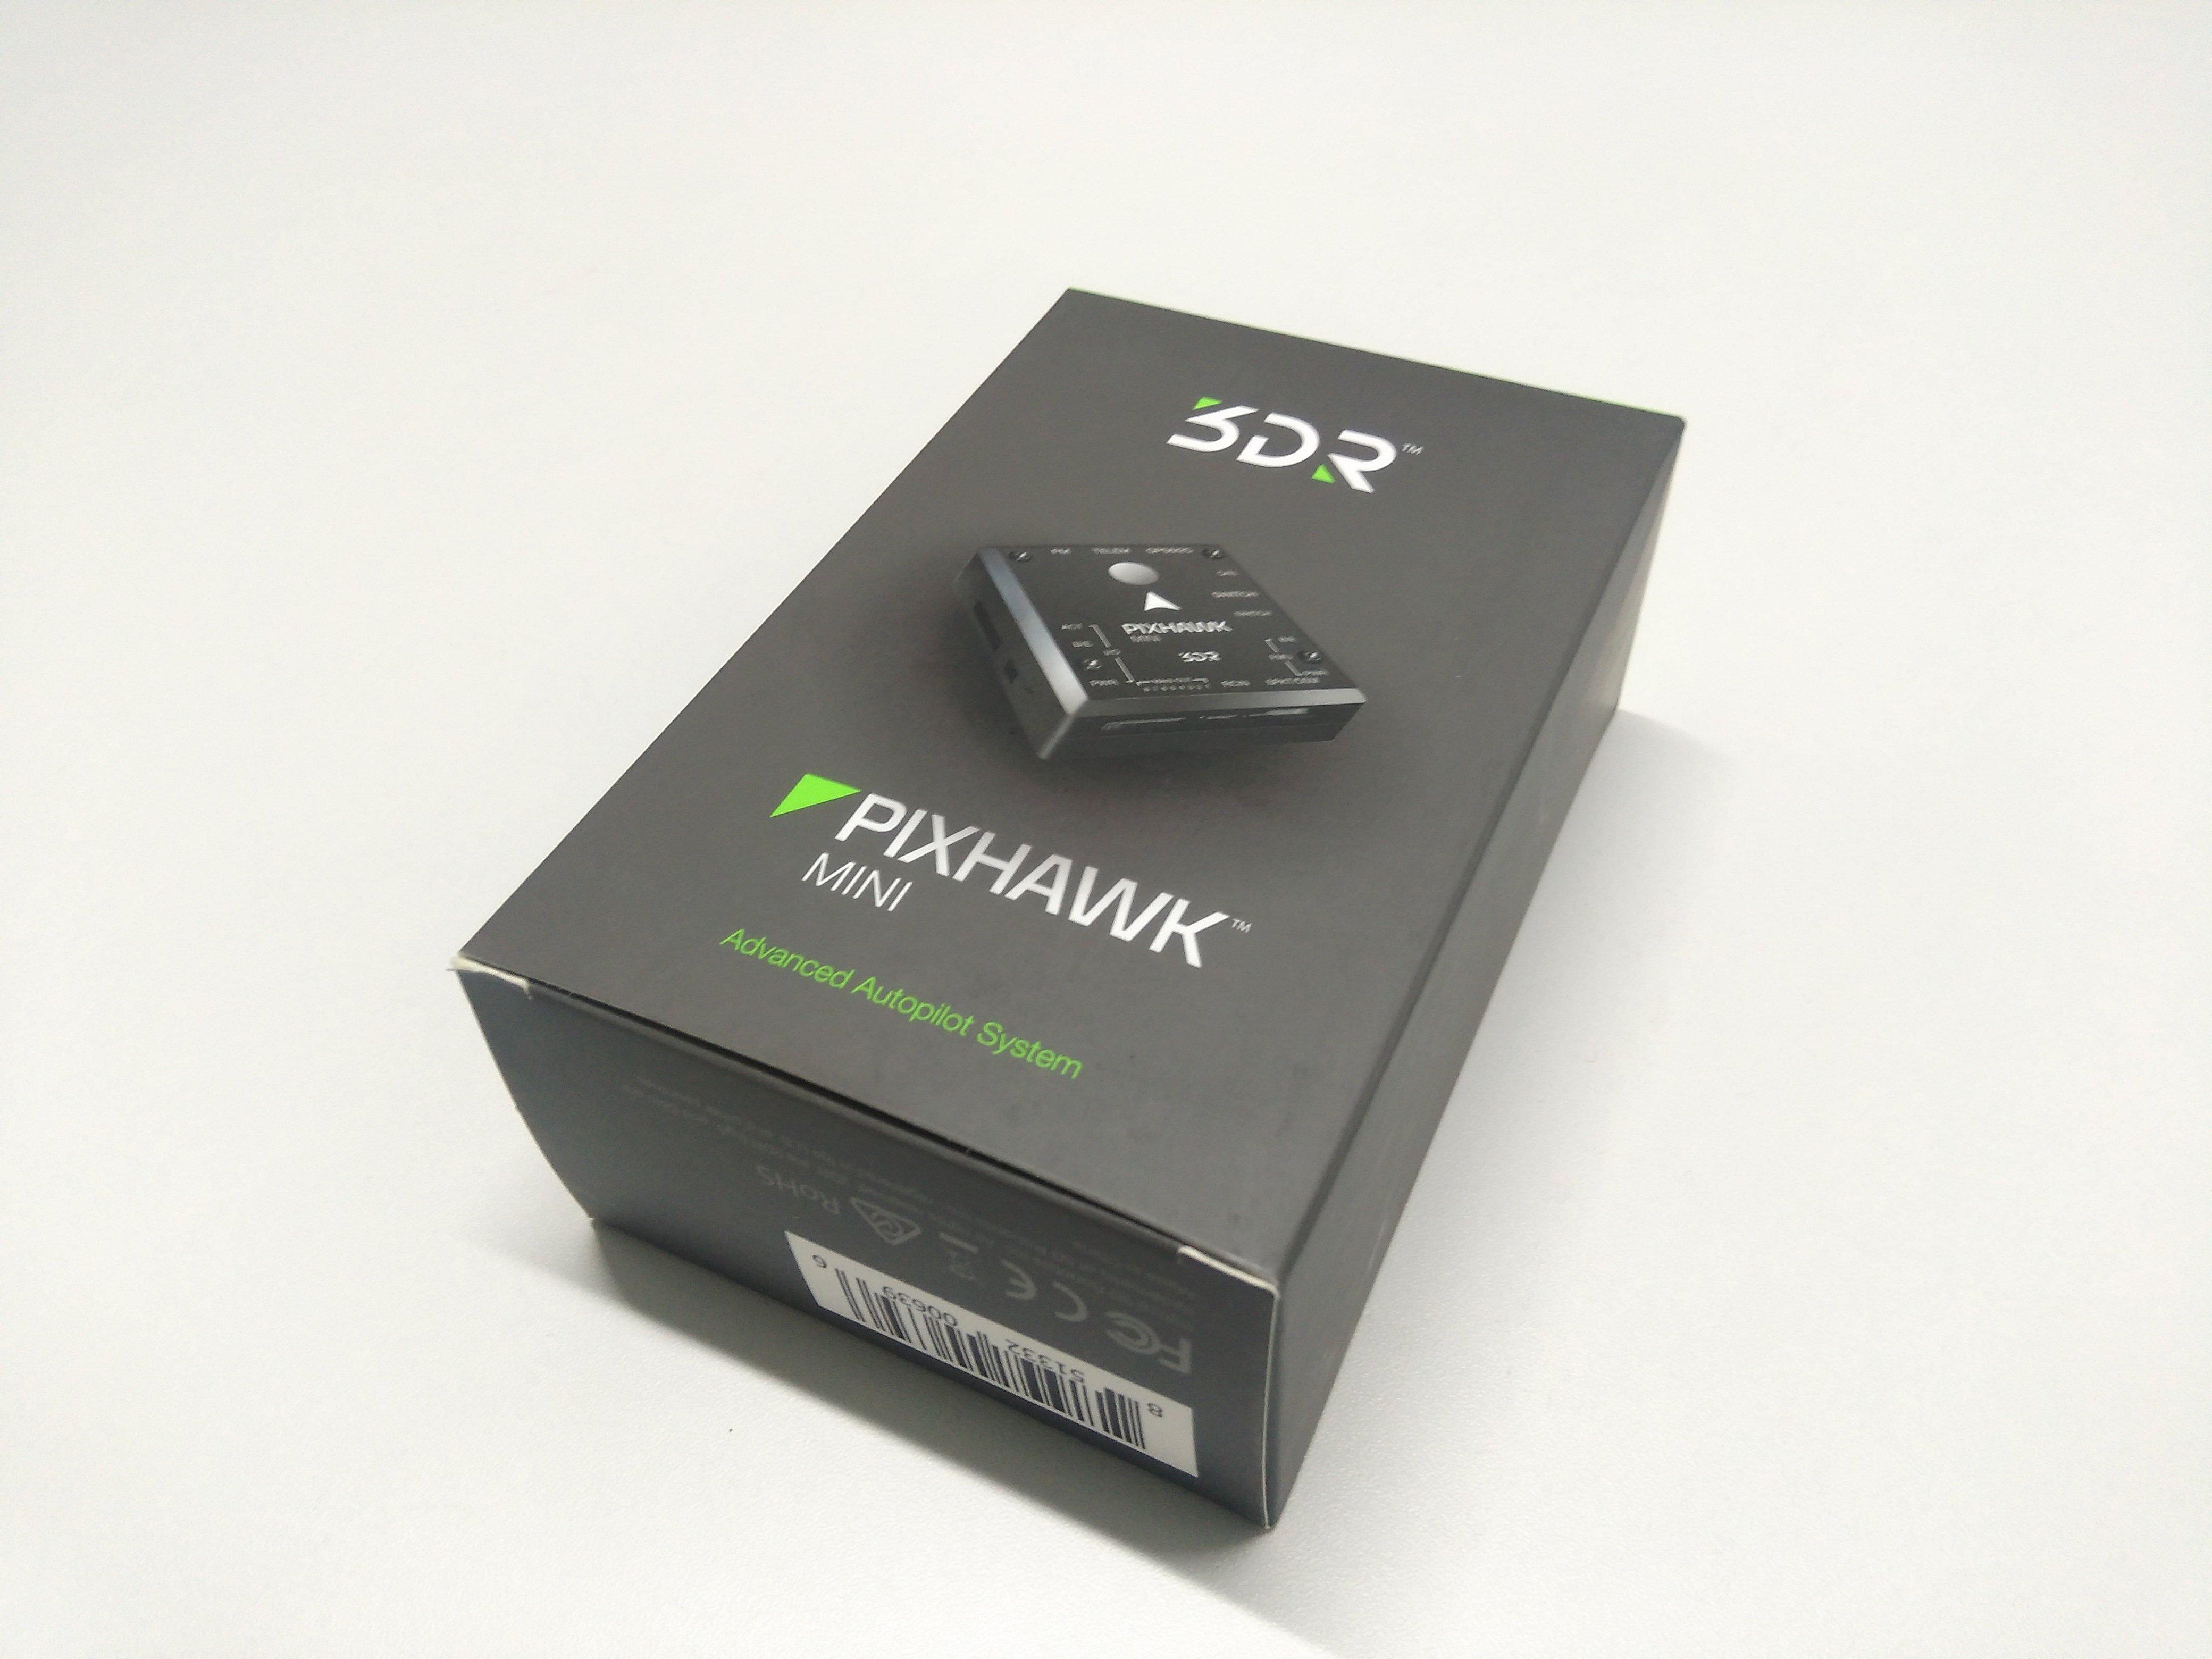 3DR Pixhawk Mini フライトコントローラー キット